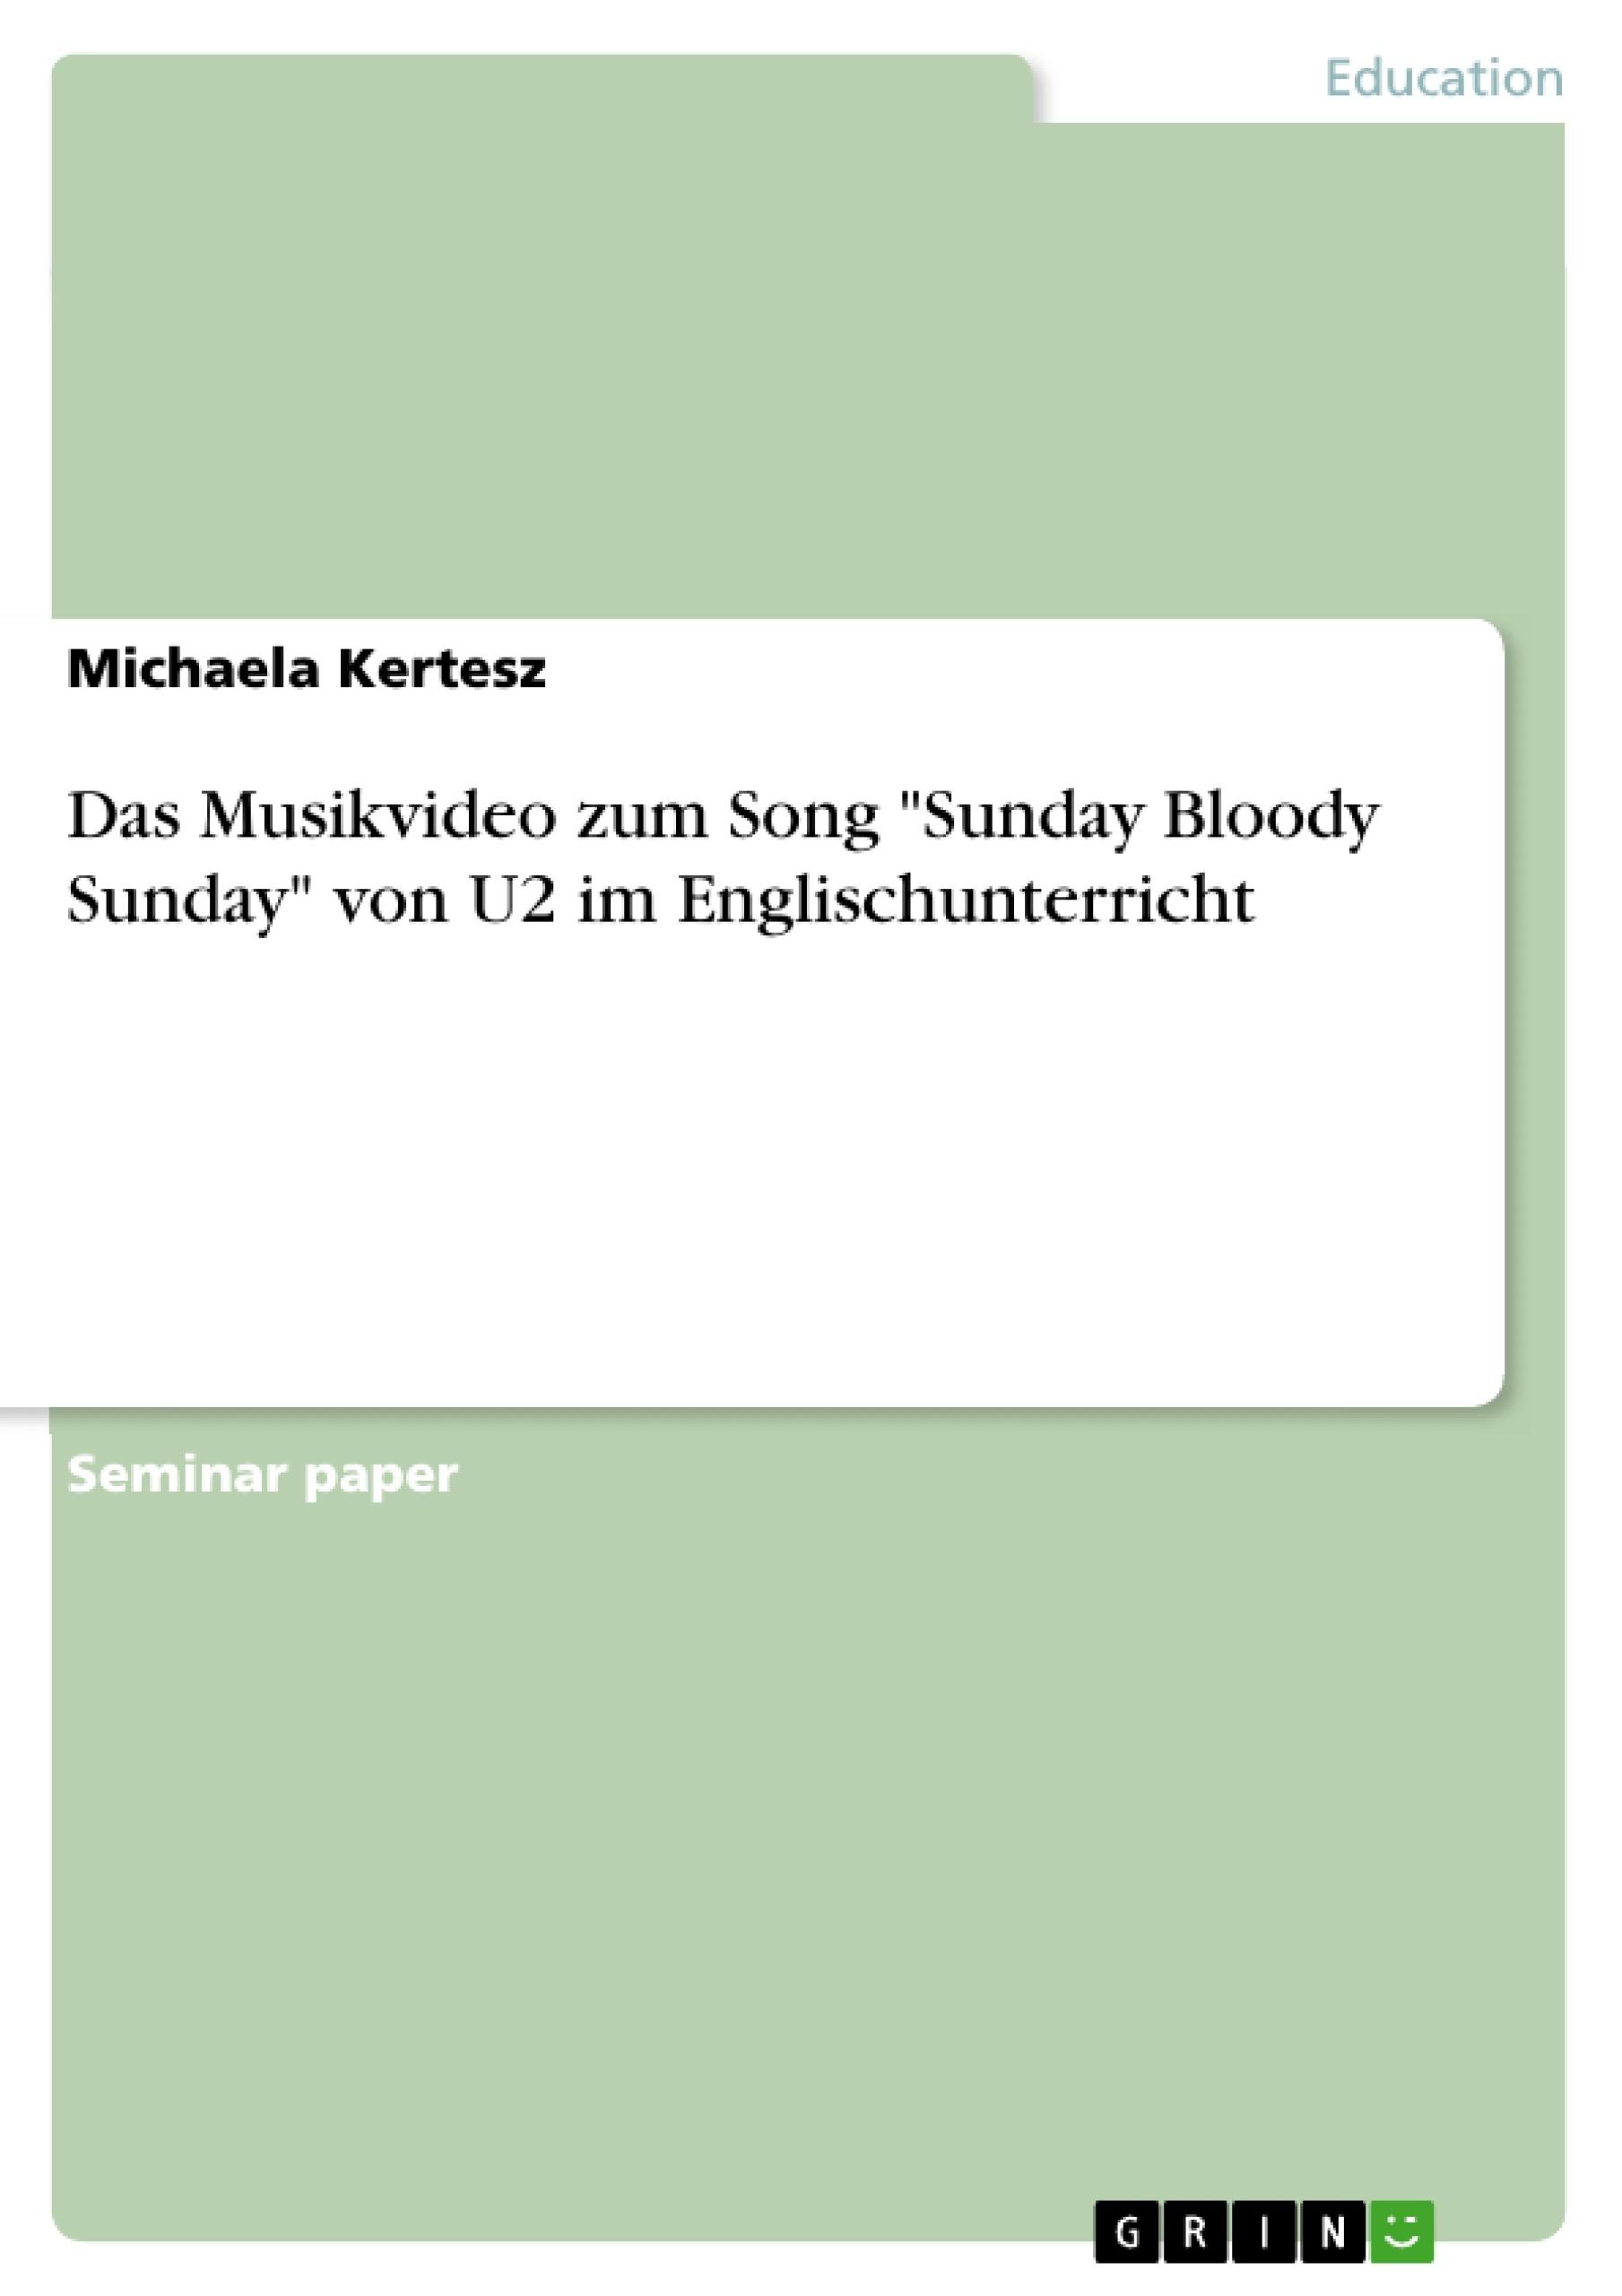 """Title: Das Musikvideo zum Song """"Sunday Bloody Sunday"""" von U2 im Englischunterricht"""